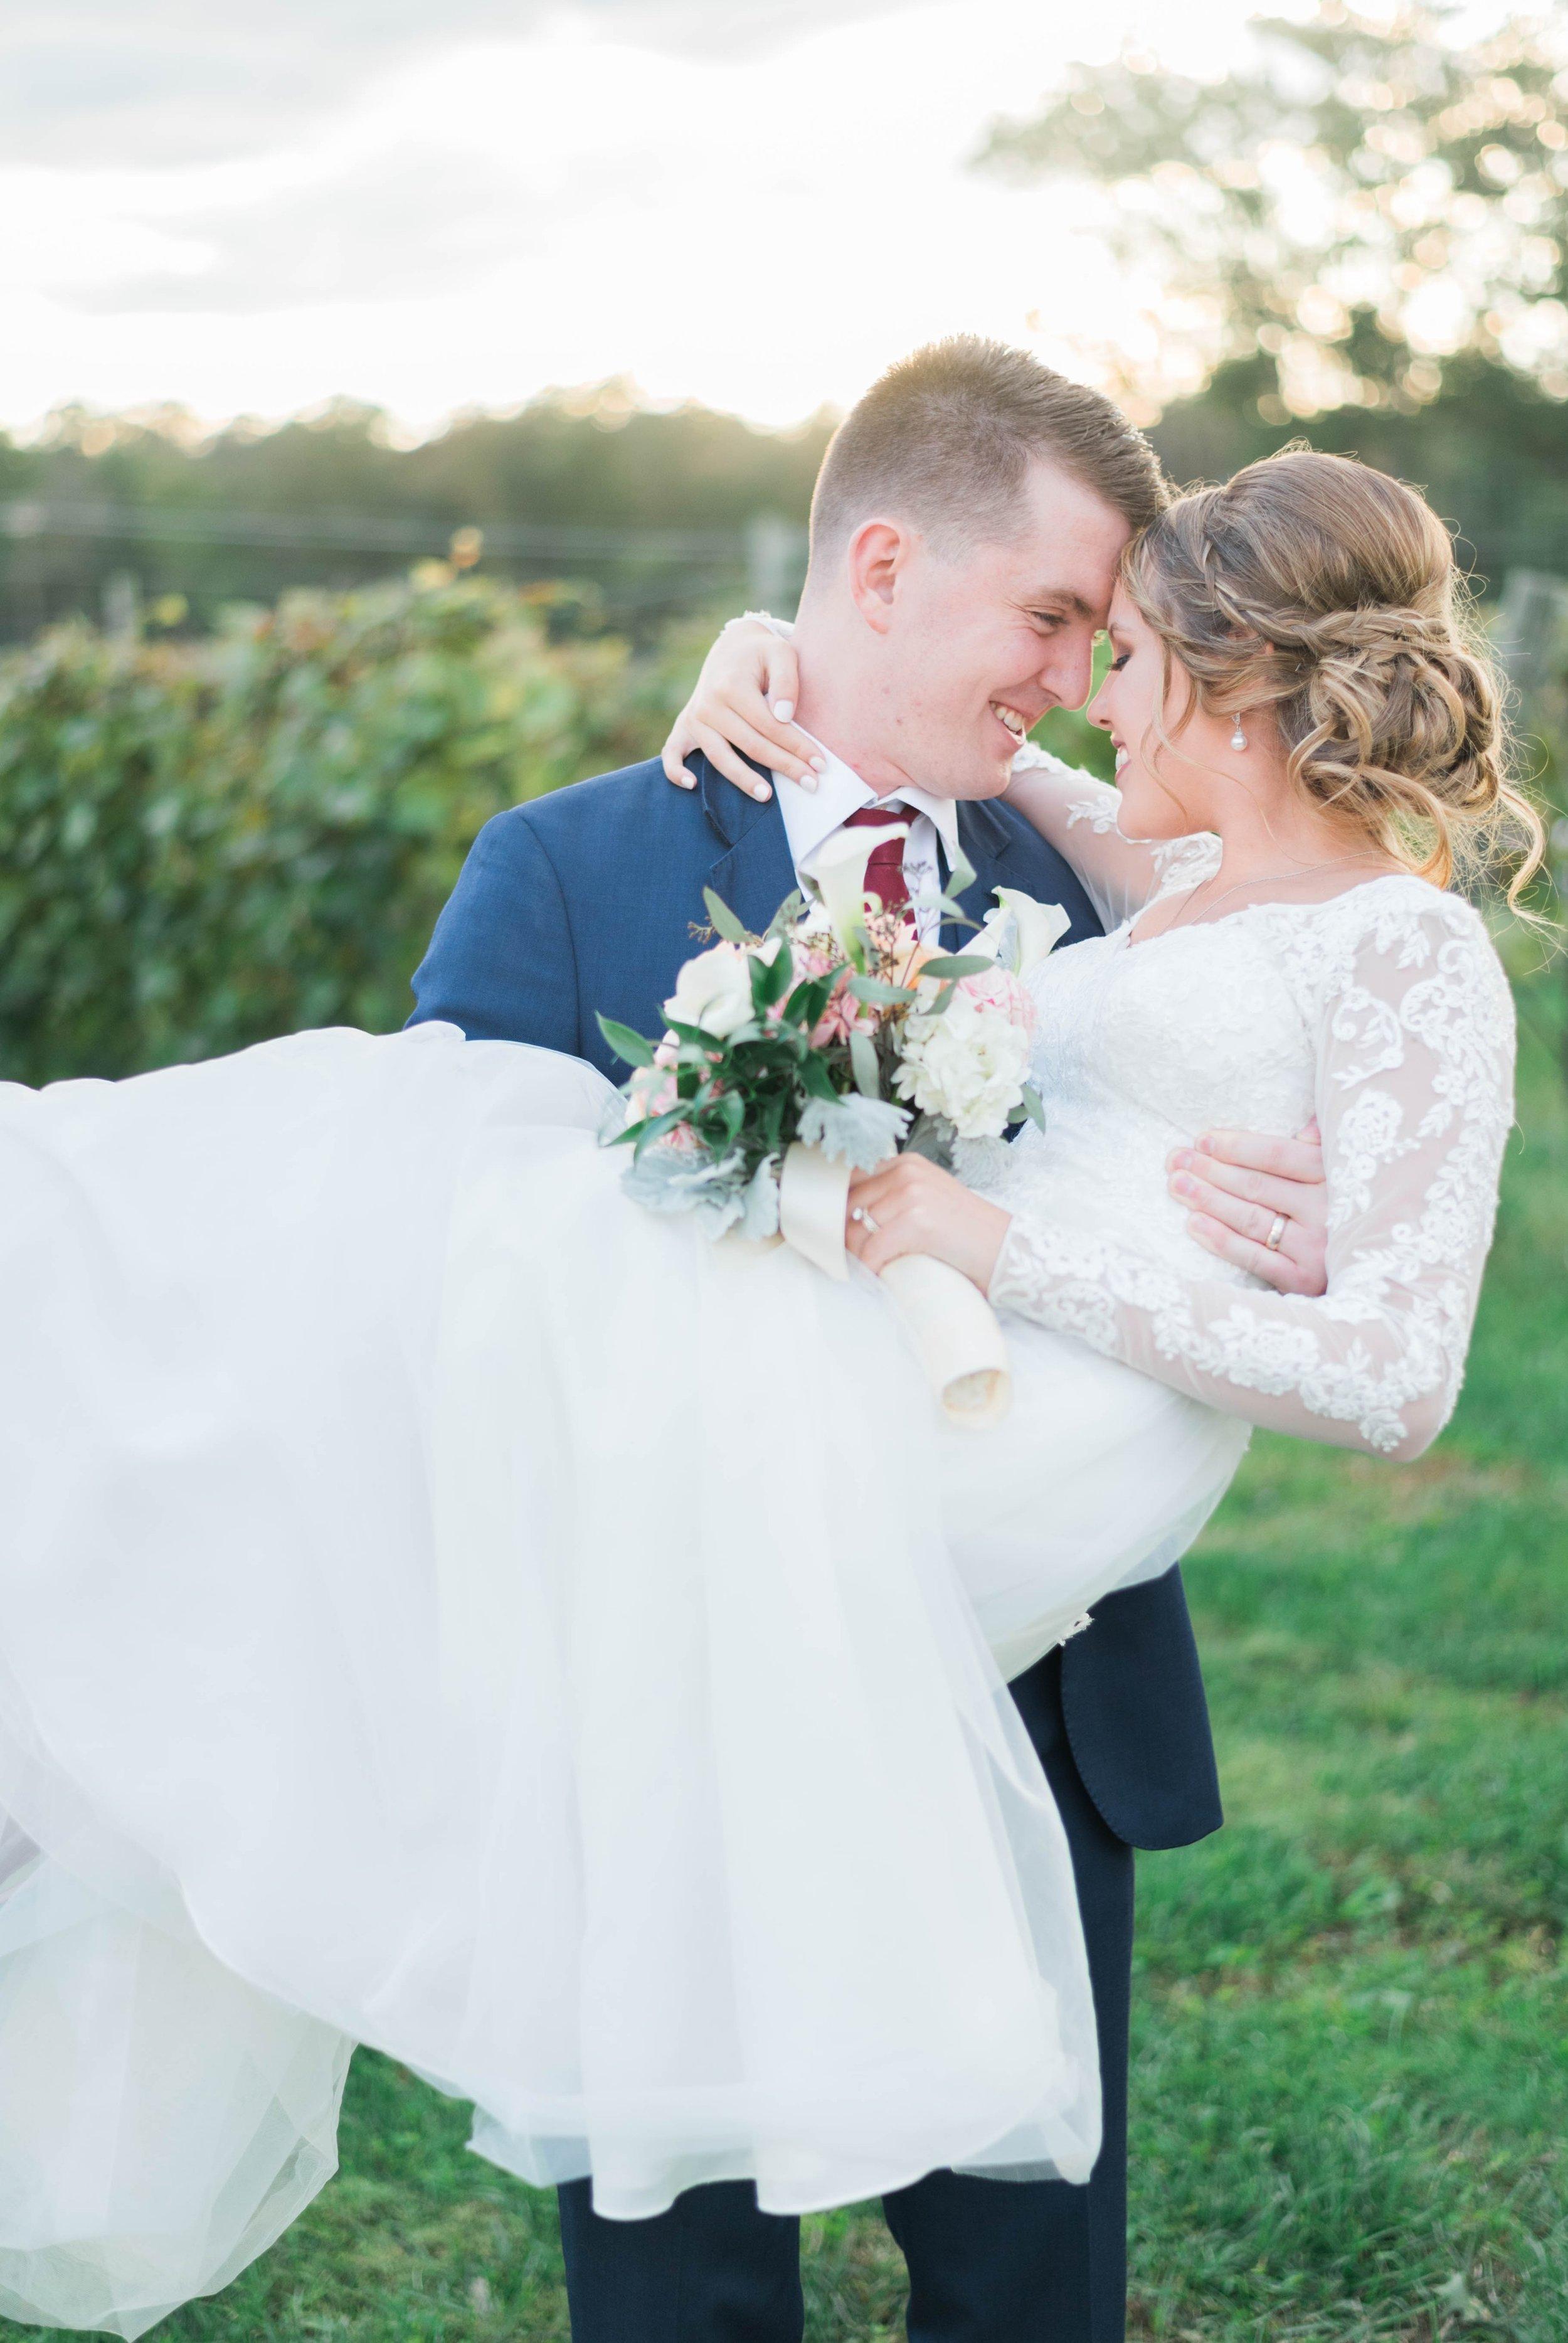 GrantElizabeth_wineryatbullrun_DCwedding_Virginiaweddingphotographer 31.jpg